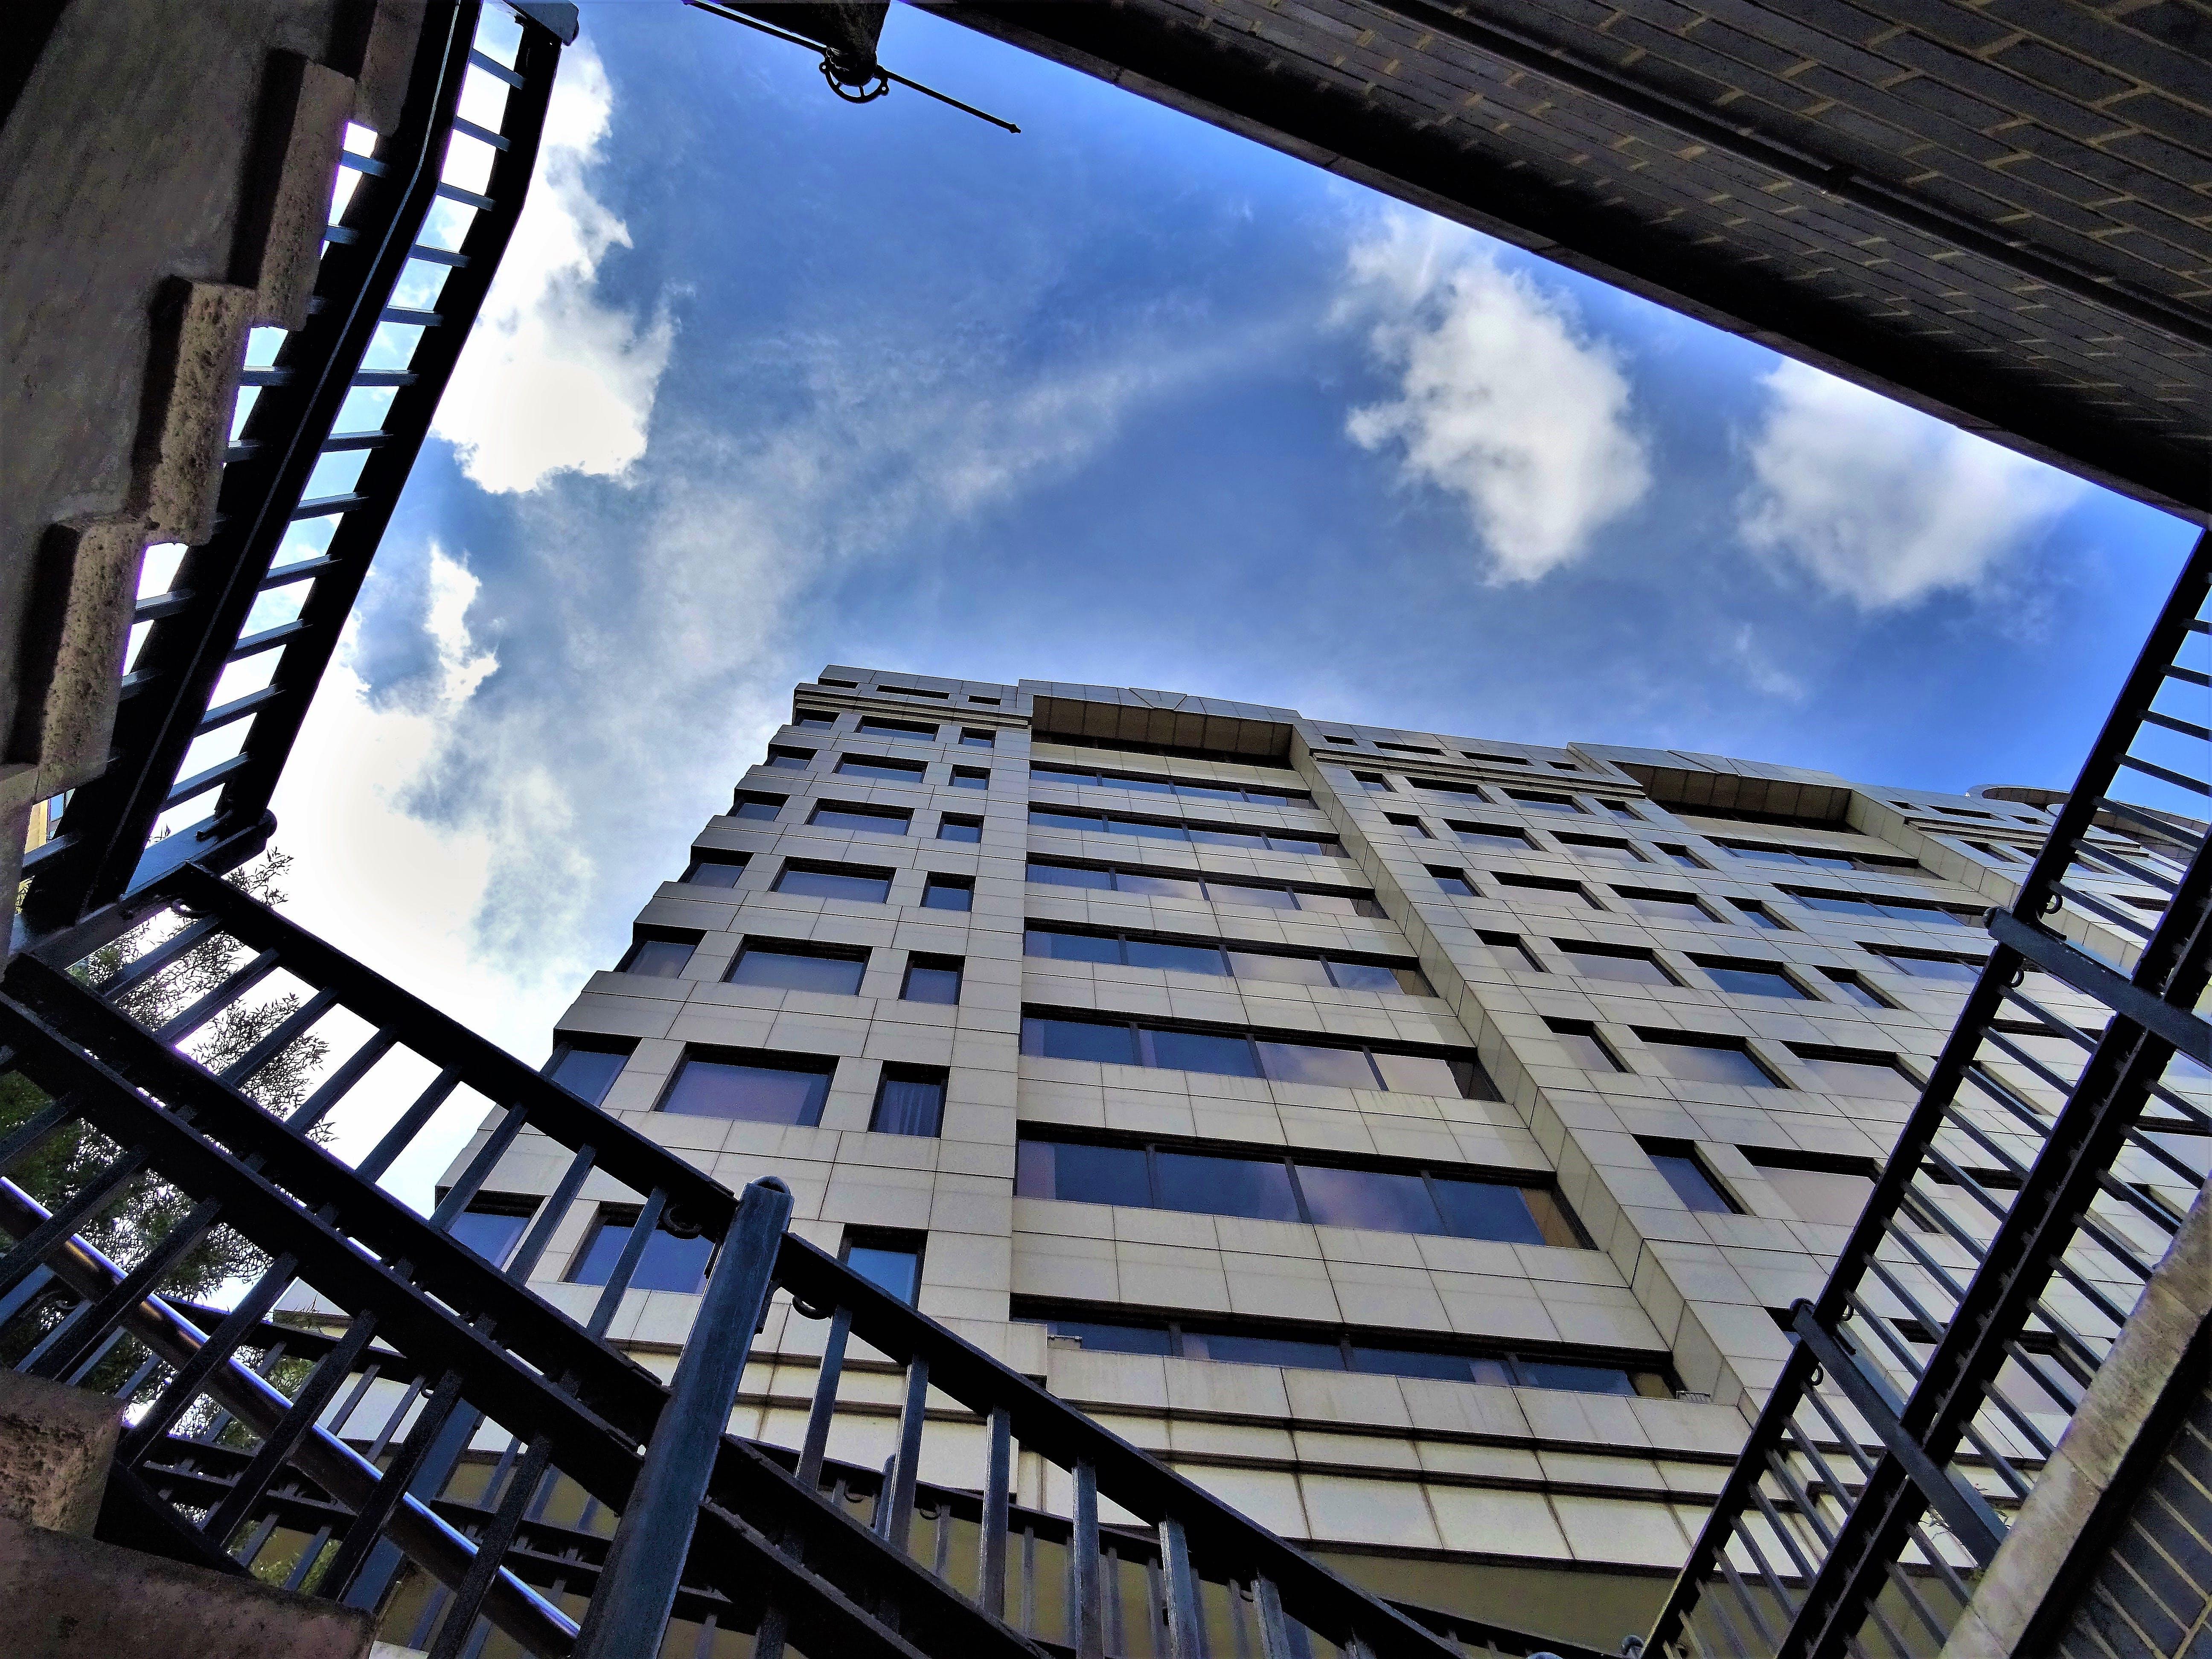 강철, 건물 외관, 건축, 고층 건물의 무료 스톡 사진